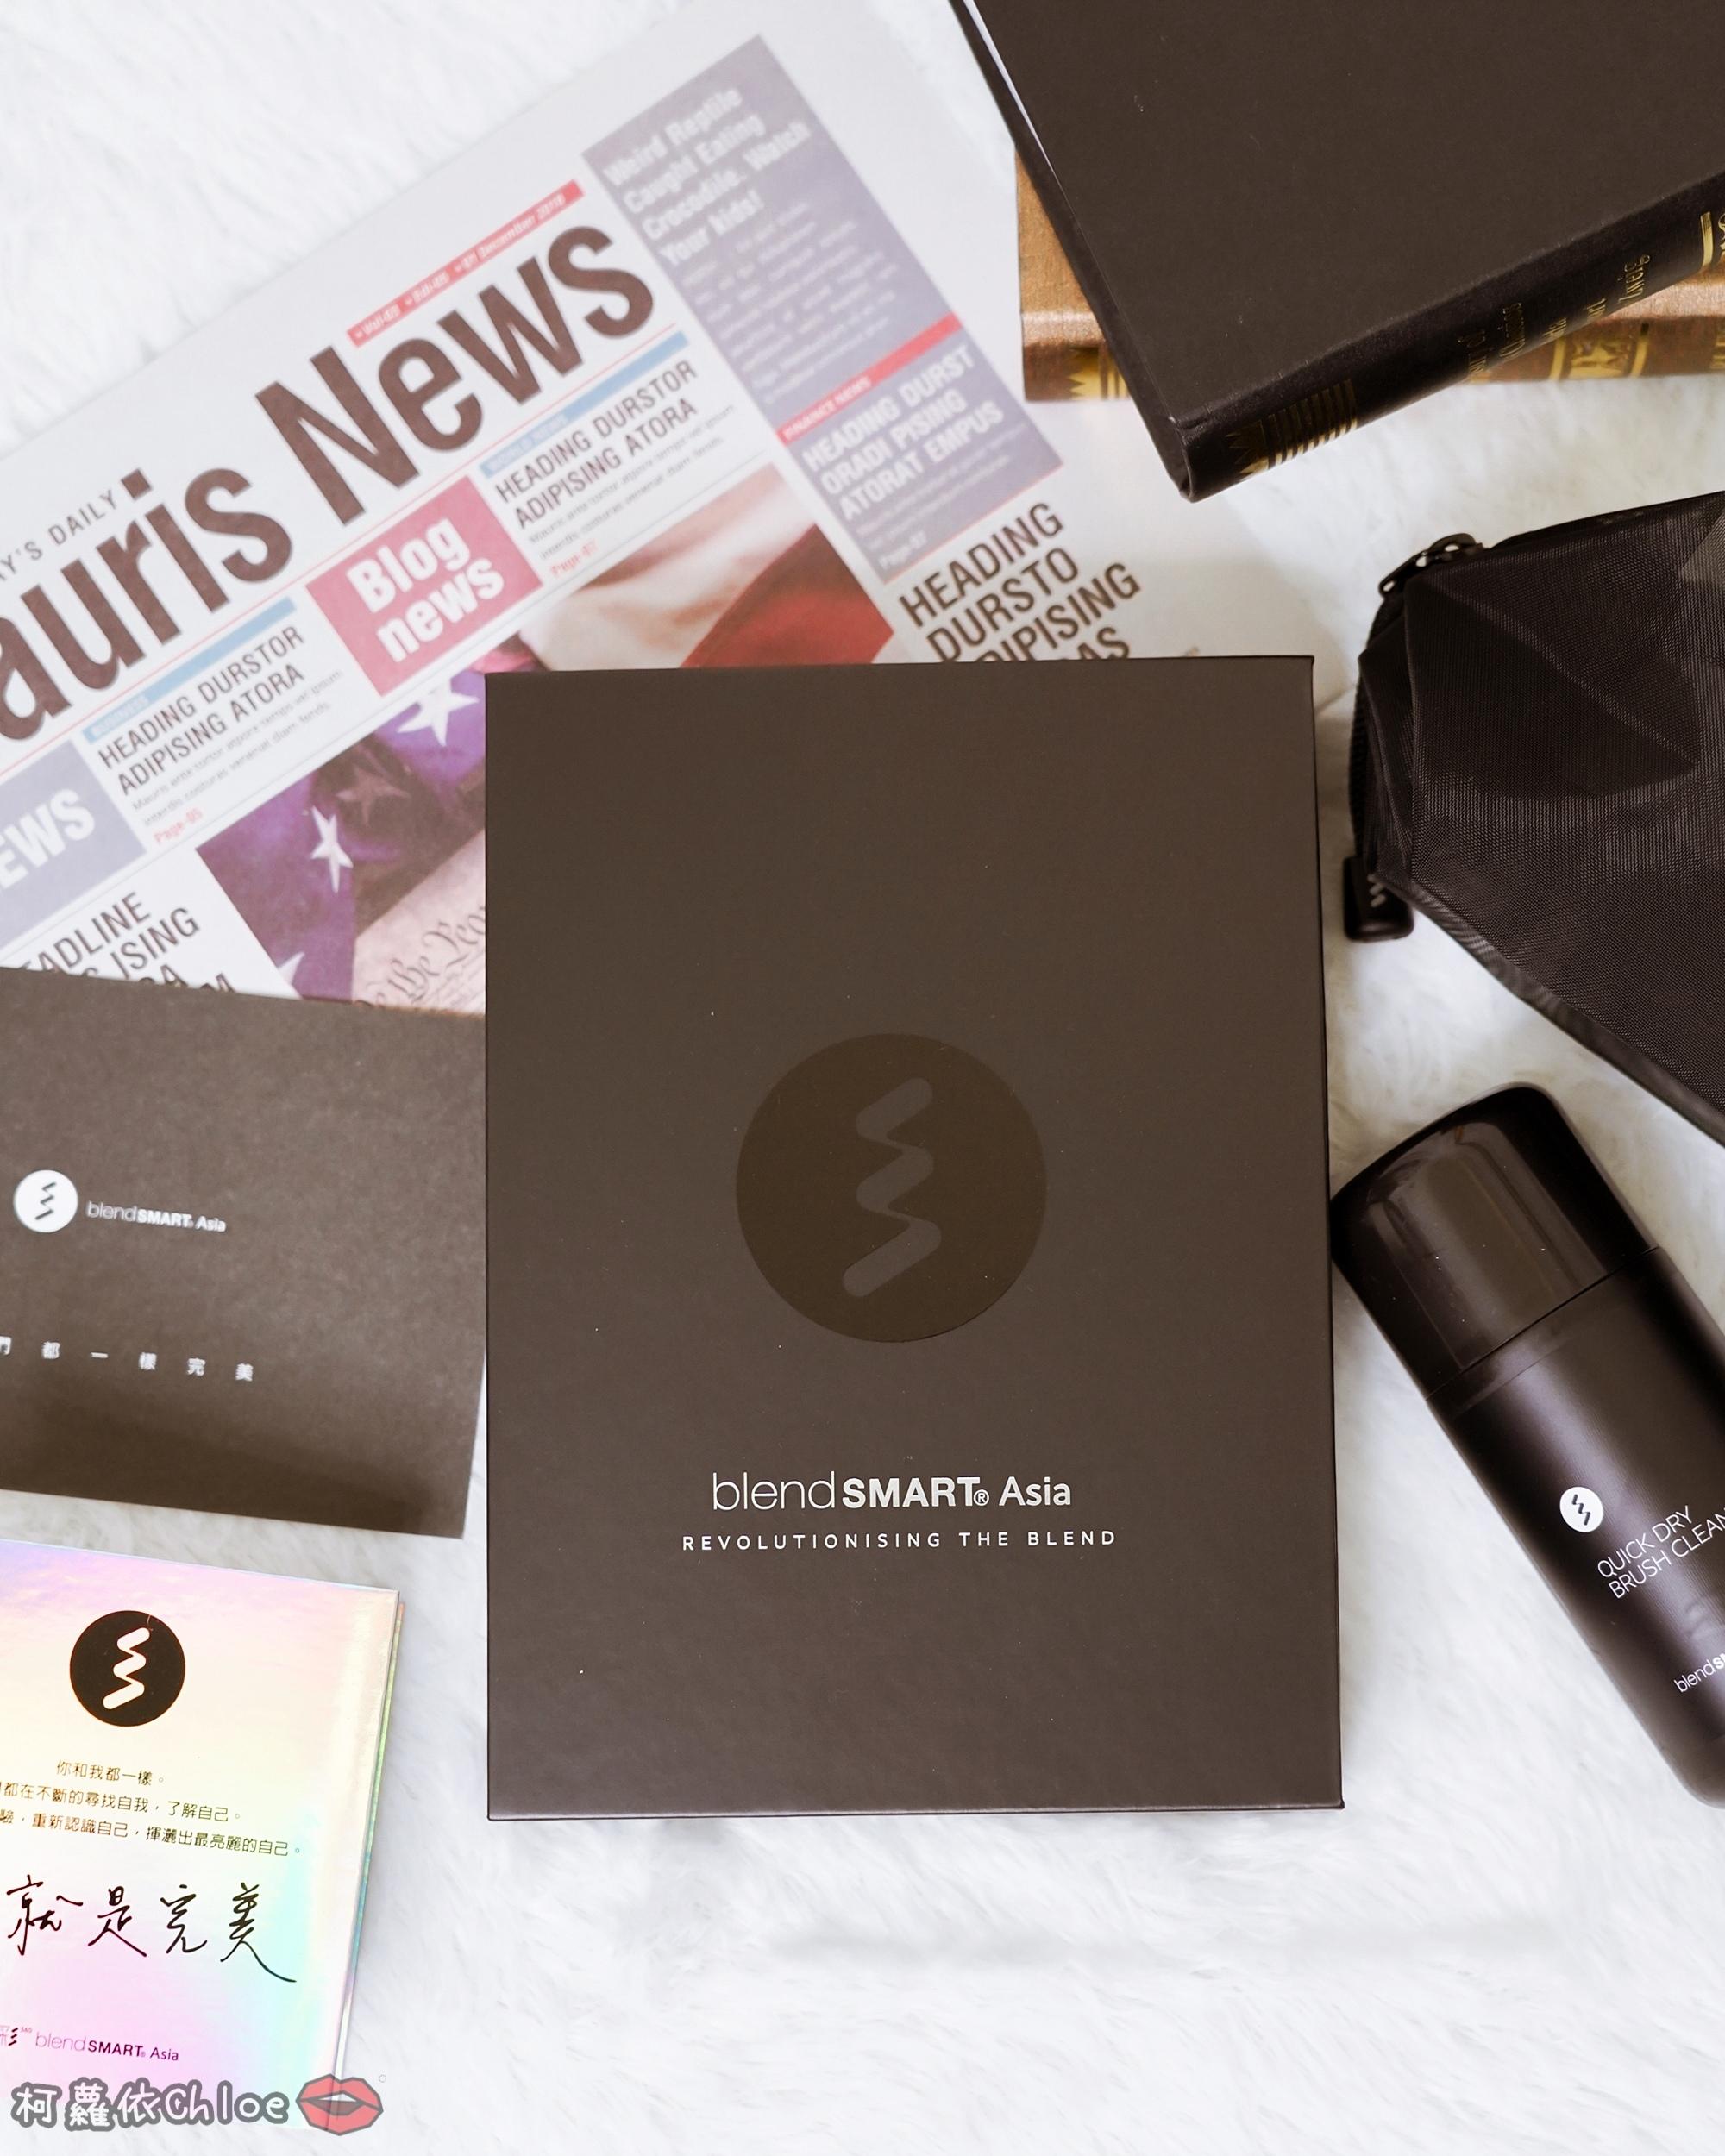 彩妝工具推薦 blendSMART電動化妝刷 達人套裝開箱 上妝輕柔更有效率1.jpg